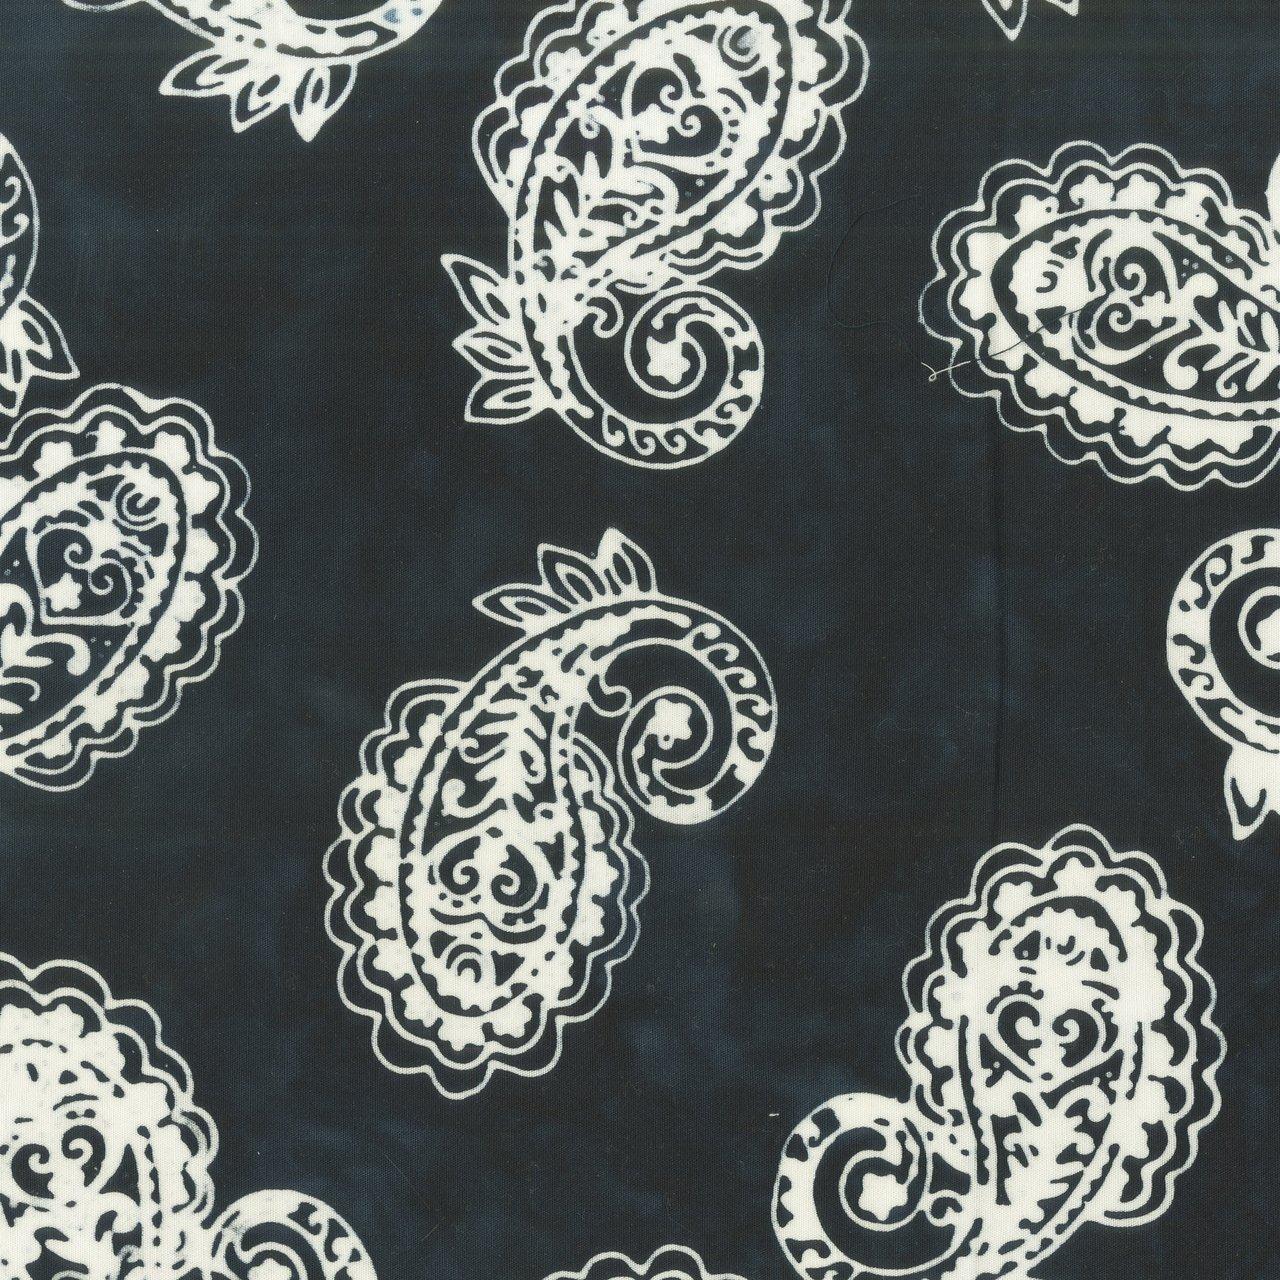 Batik b&w- Paisley